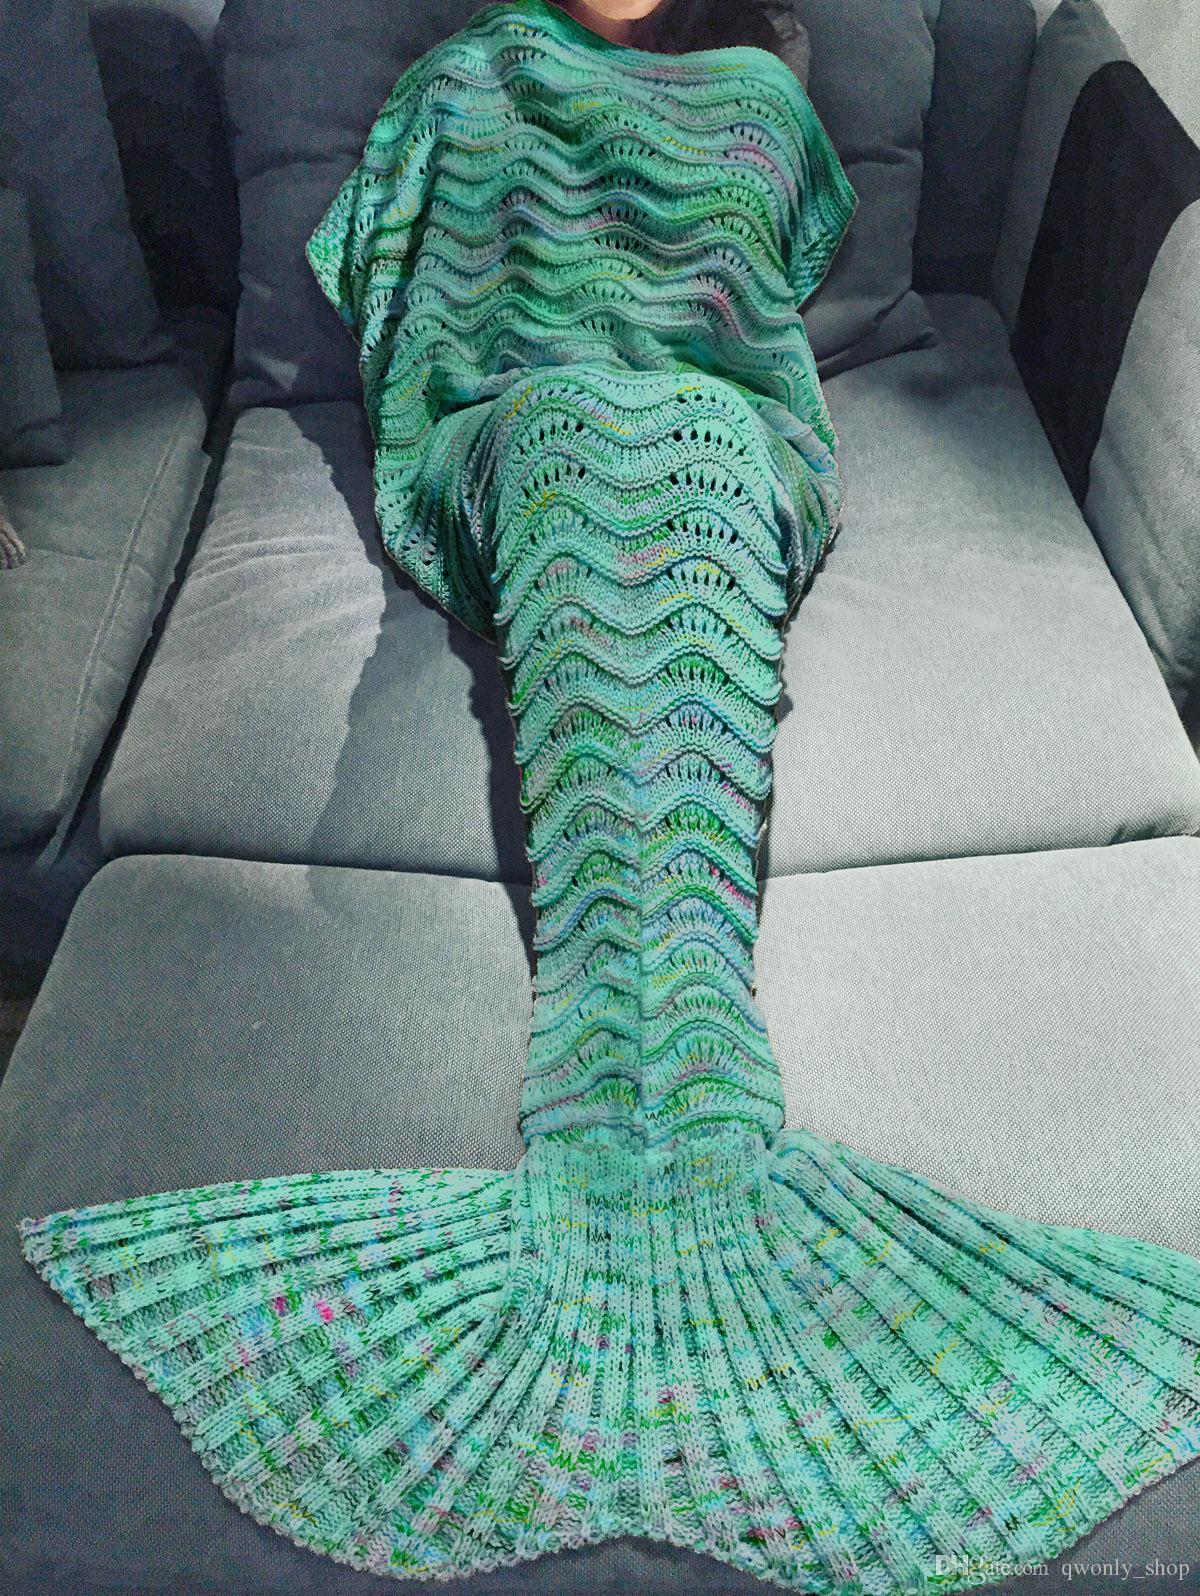 2017 Hot Sell Mermaid Tail Blanket Handmade Crochet